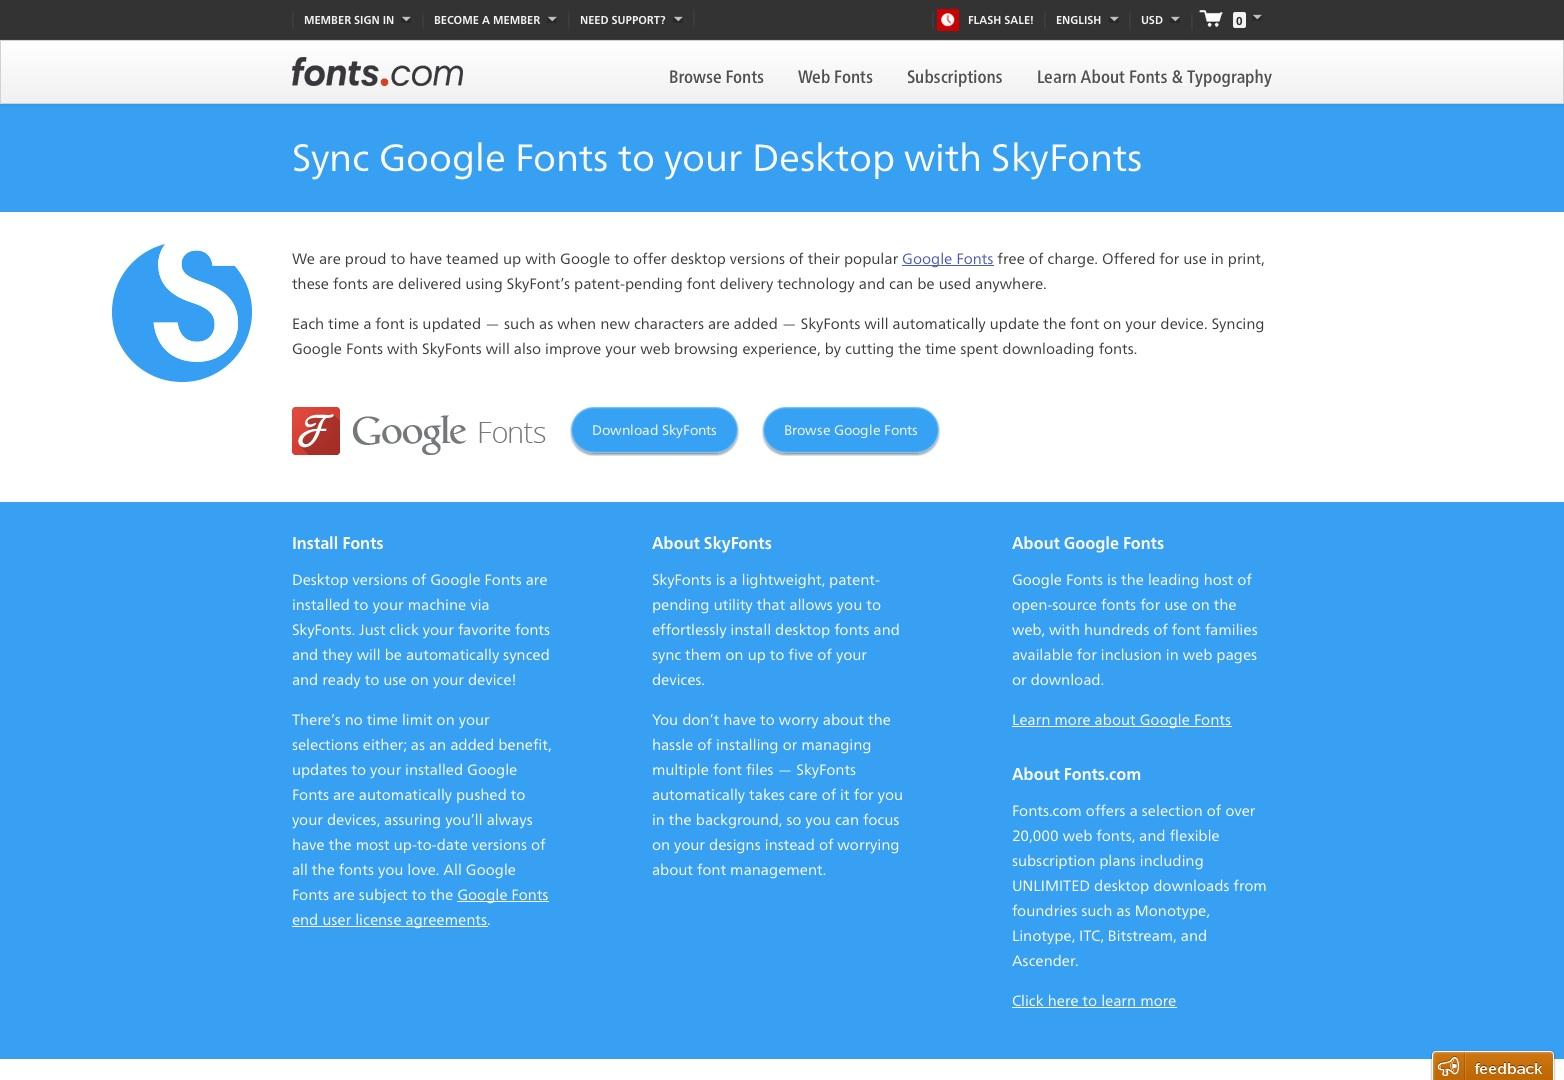 Download Google Fonts - Fonts.com